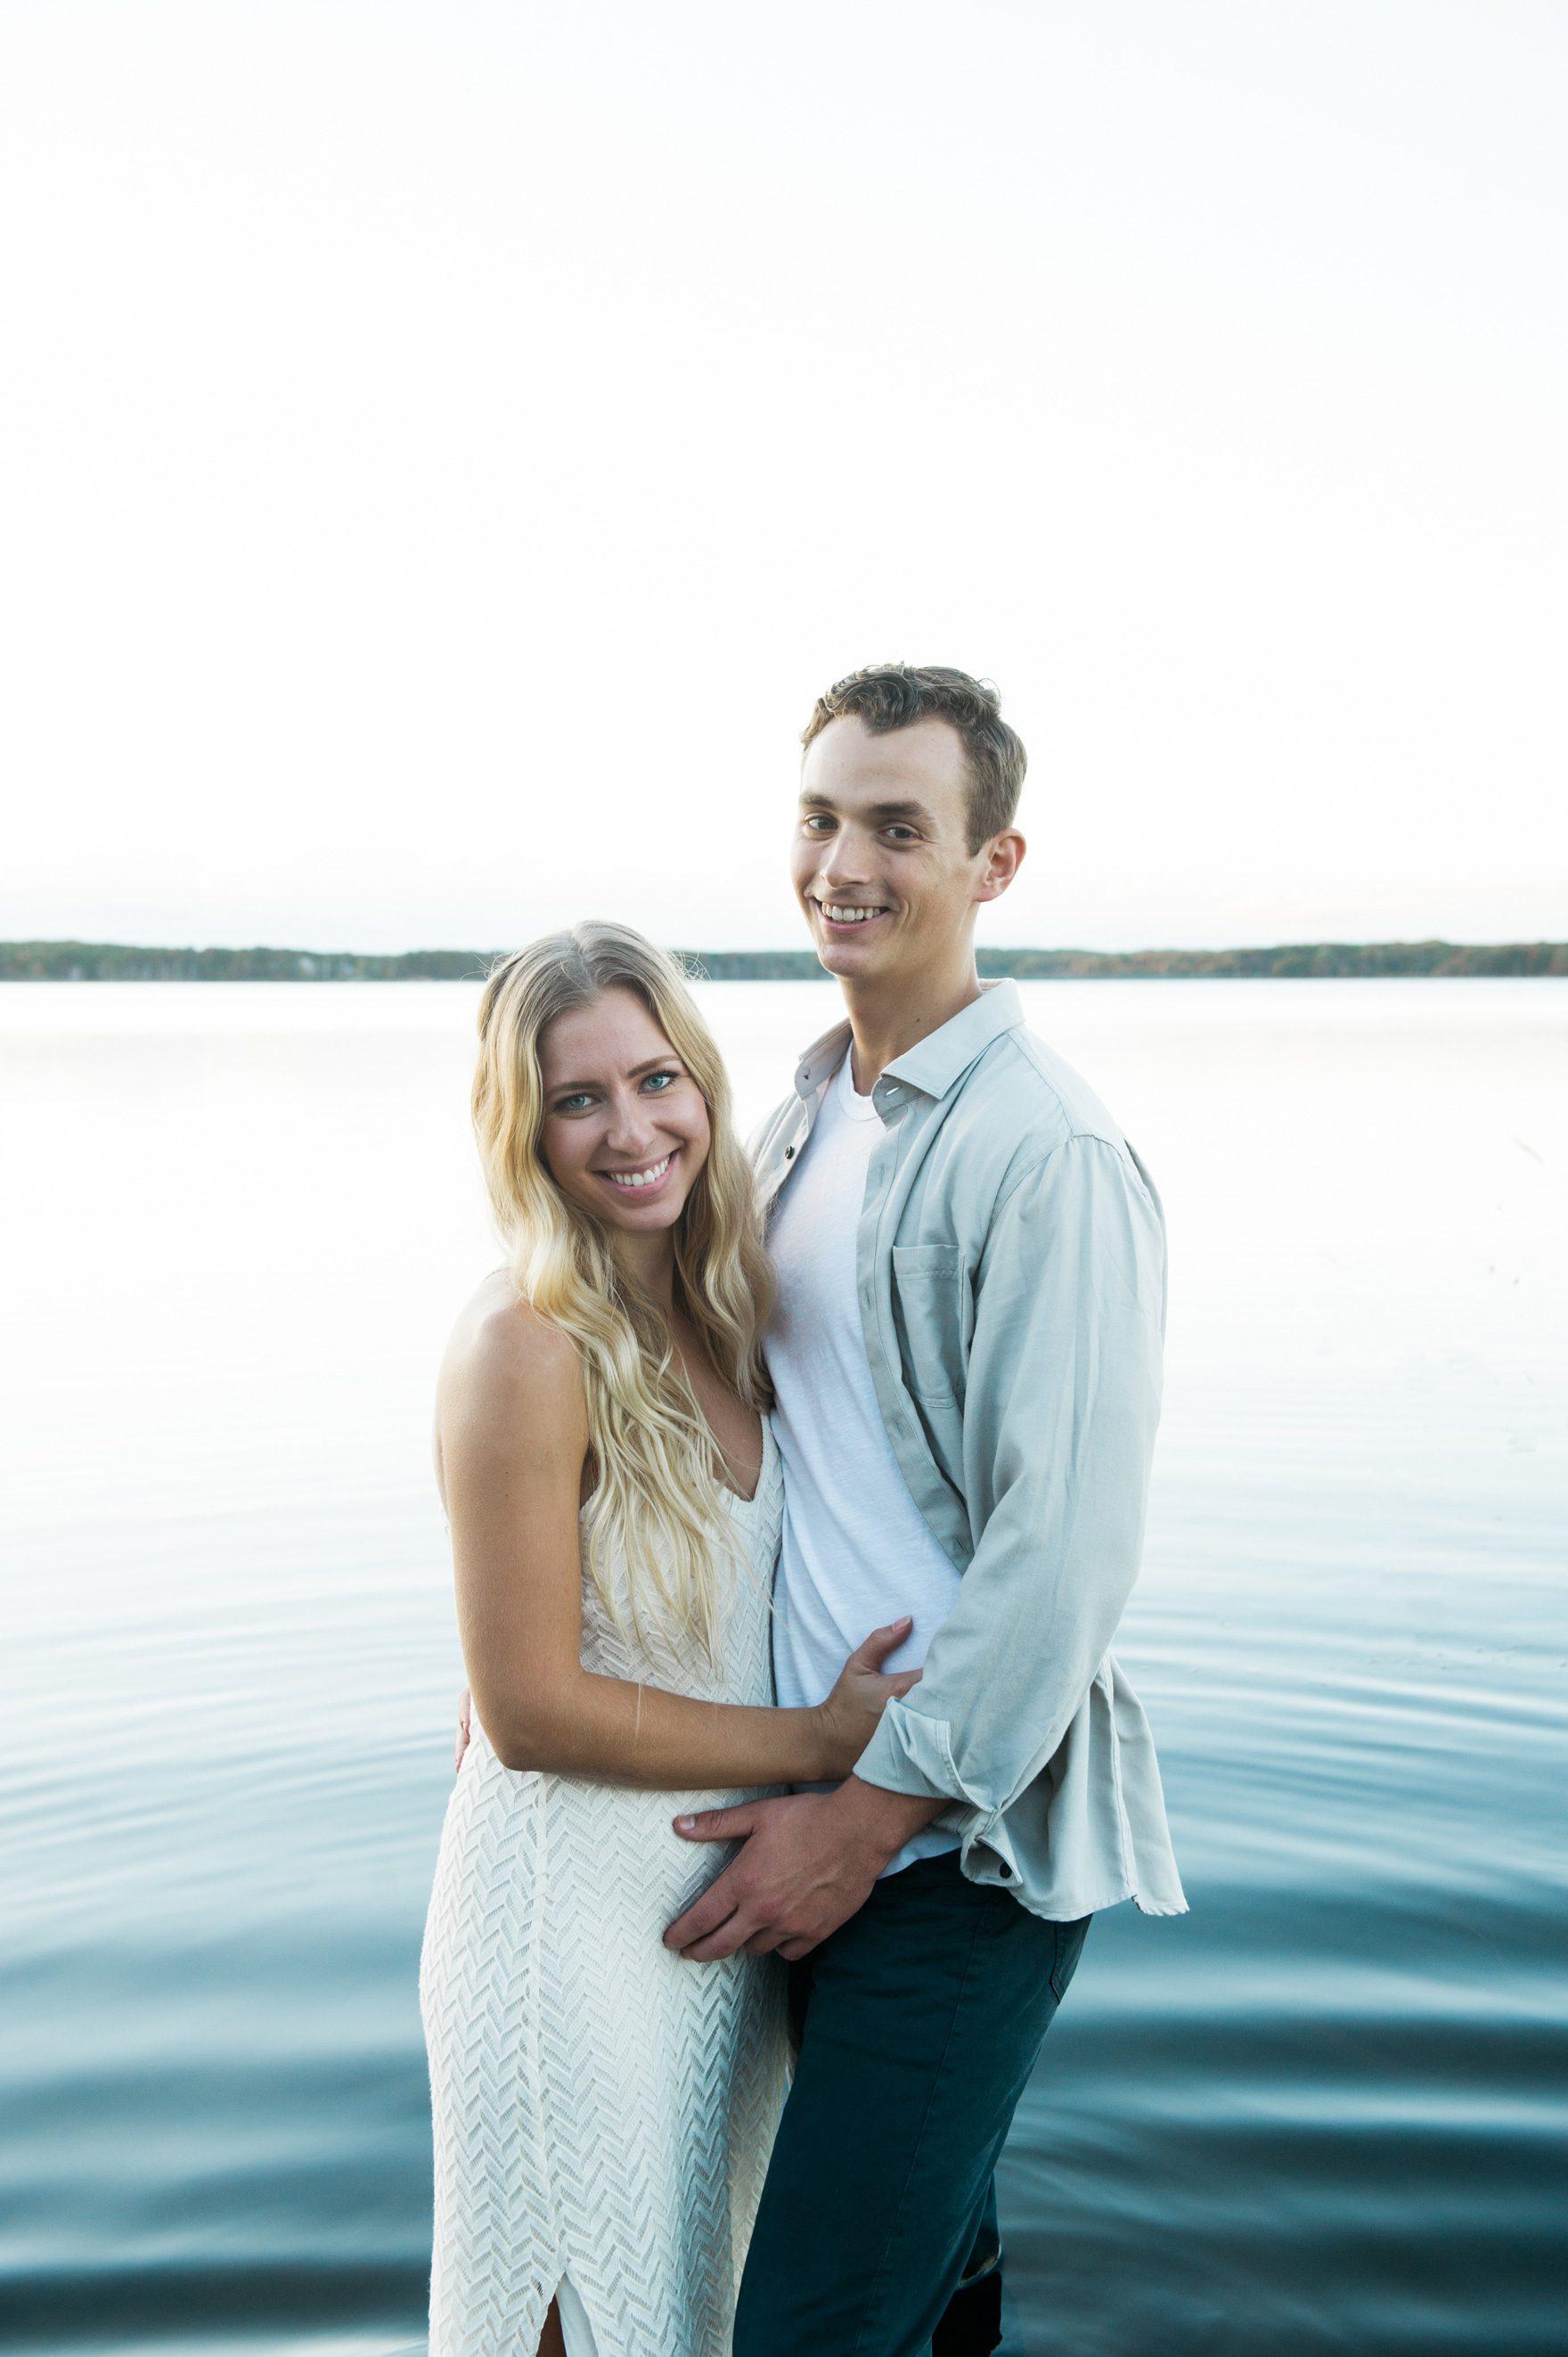 California-Destination-wedding-photographer-Christina-Lilly-036